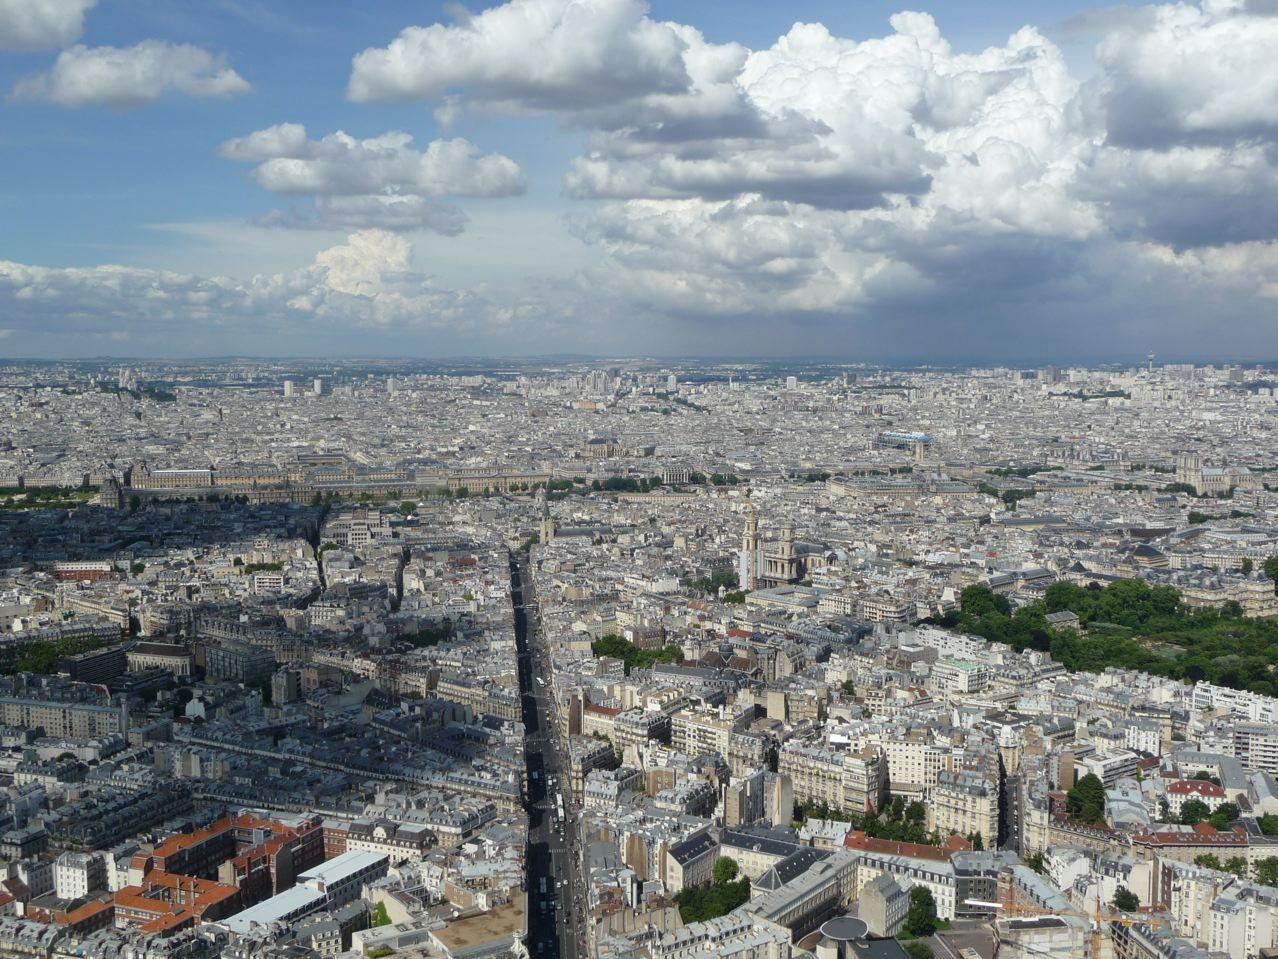 Découverte de Paris depuis la terrasse en plein air de la Tour Montparnasse